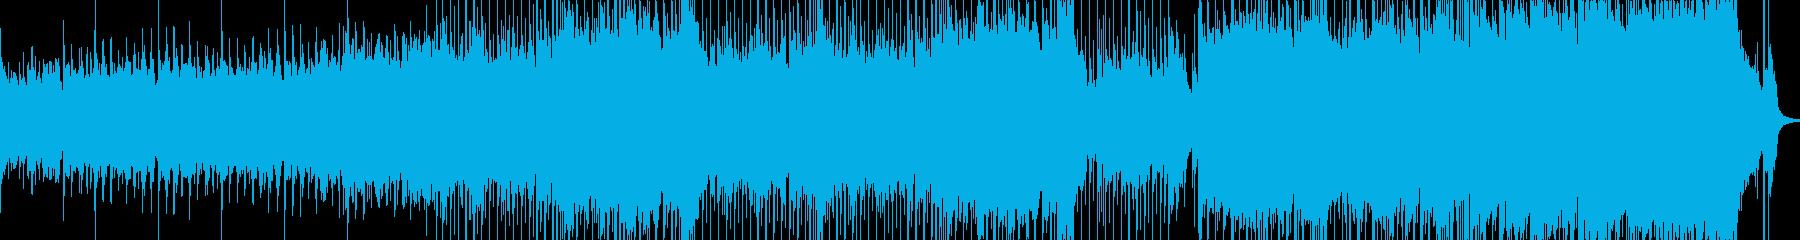 まったりサンセット、夏の終わり感BGMの再生済みの波形